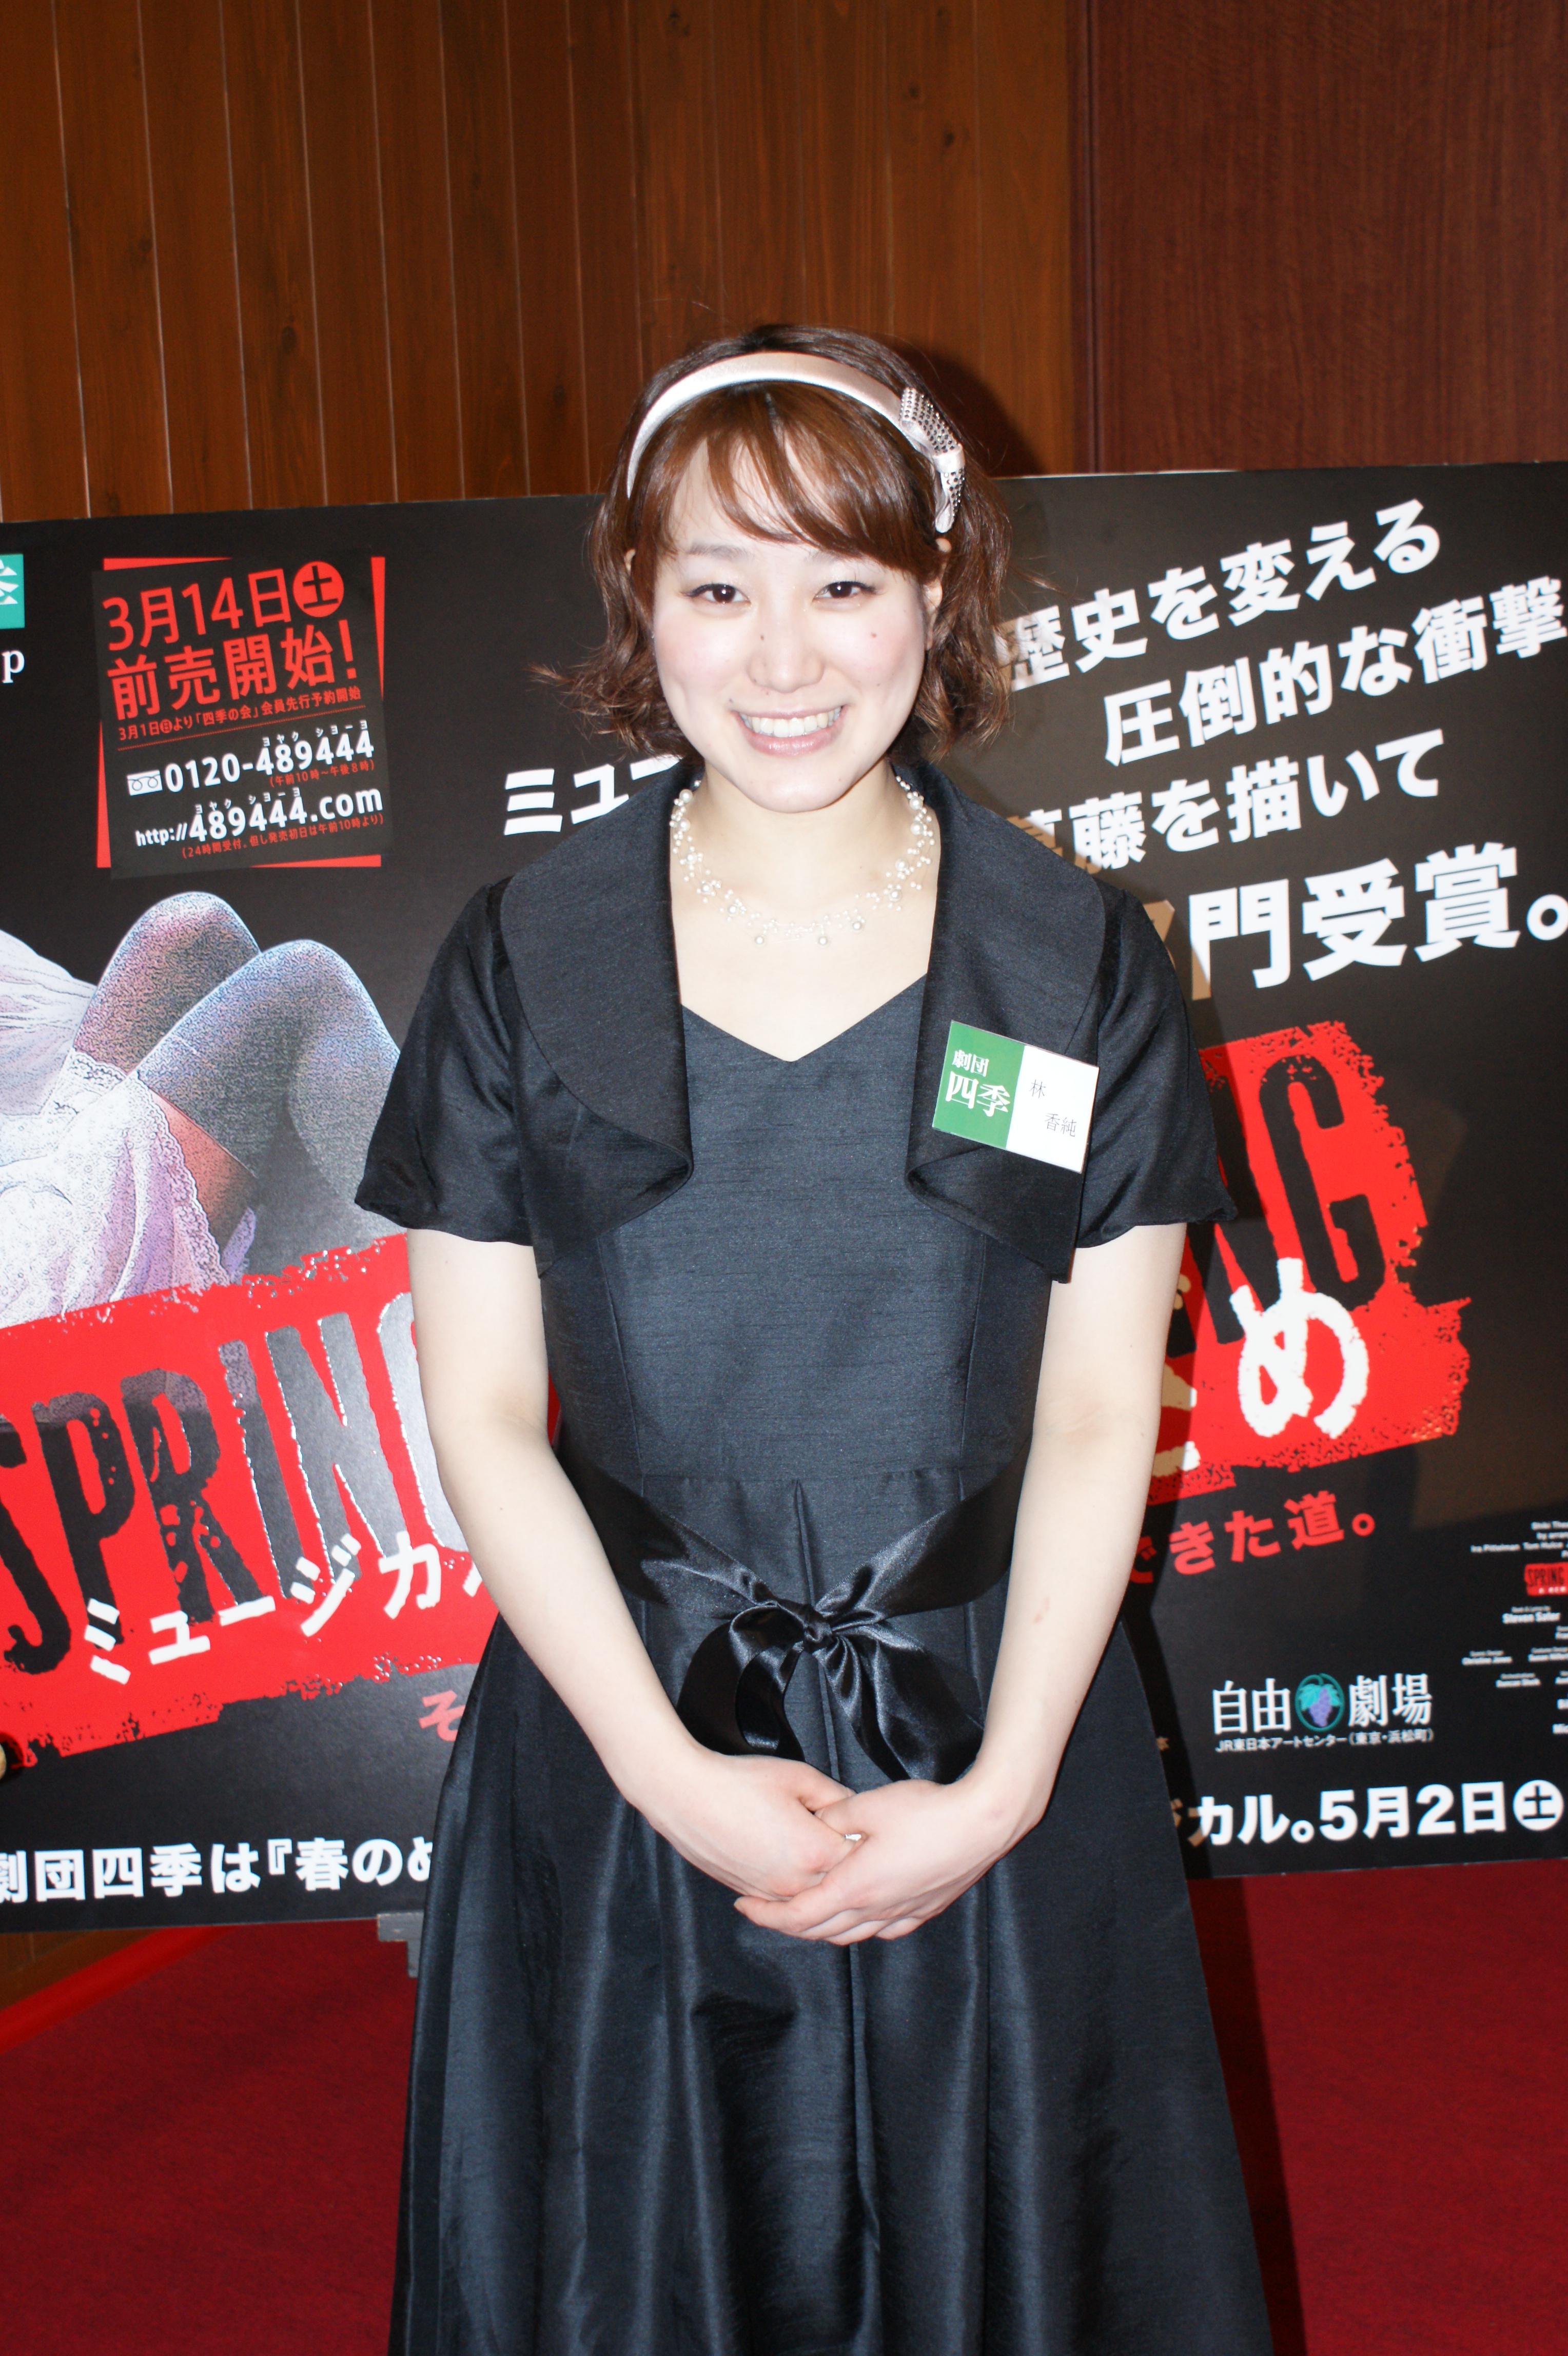 弱冠19歳で主演女優を務める林香純さん